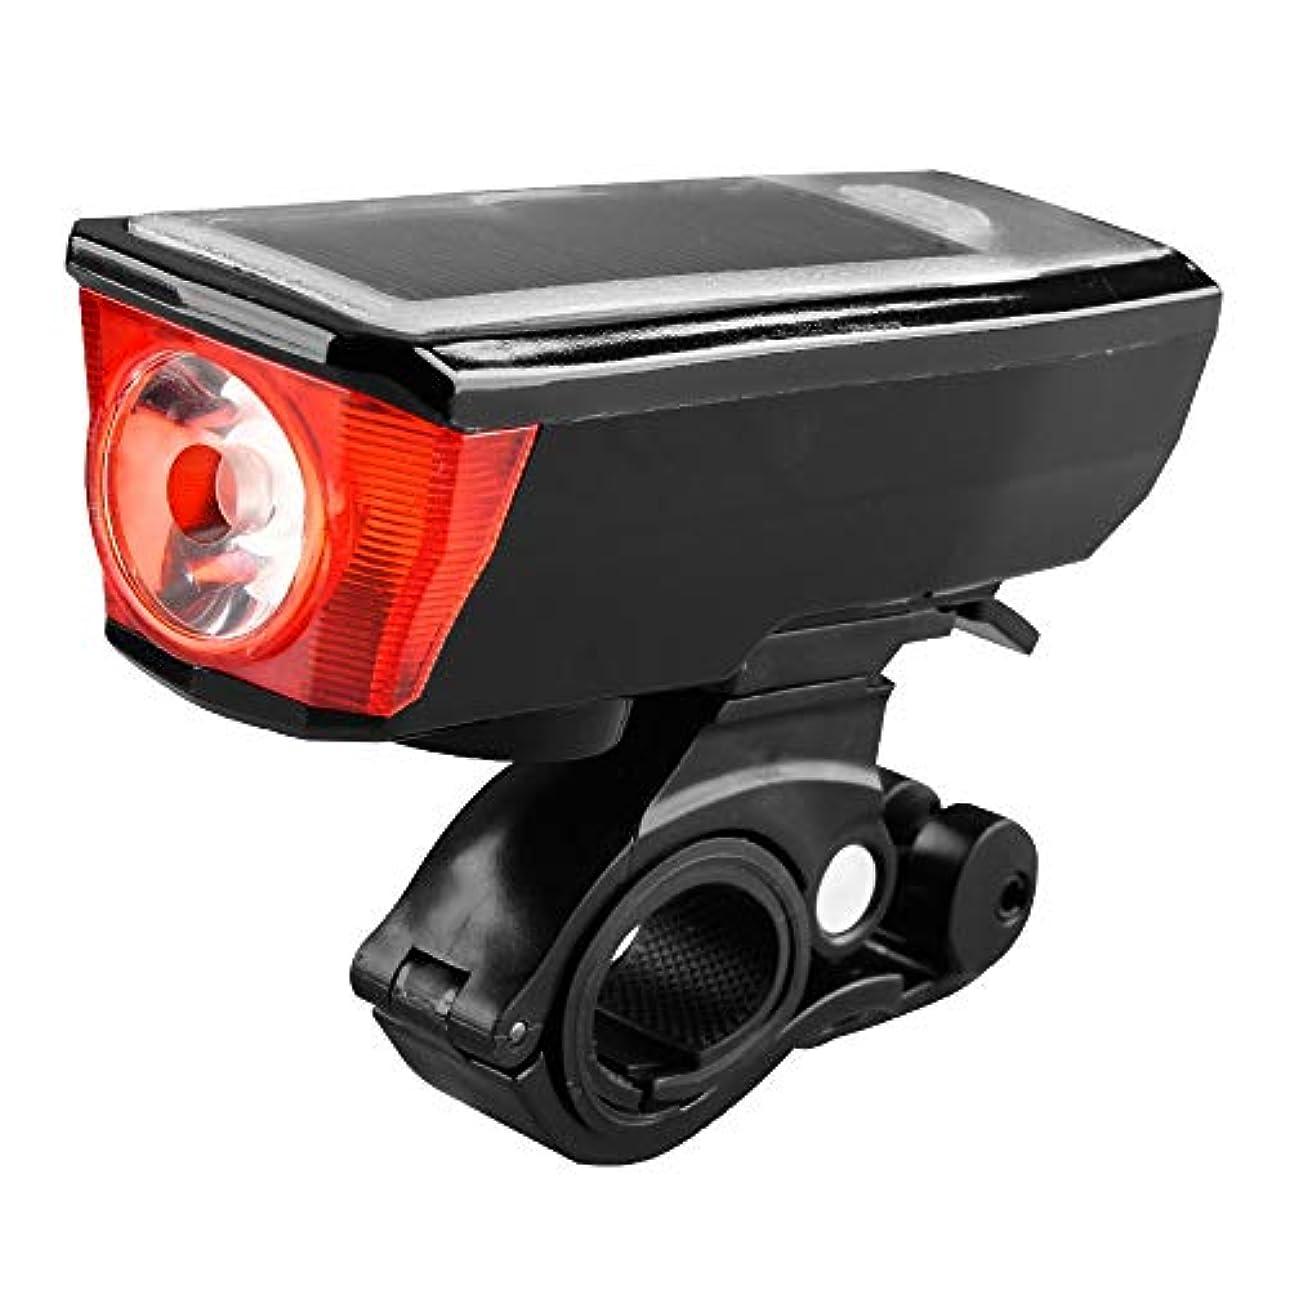 狂った時期尚早充電式自転車ライト ソーラーエネルギーチャージ付きの完全防水充電式マウンテンバイク、ロードバイク用ヘッドライト(現在8時間)